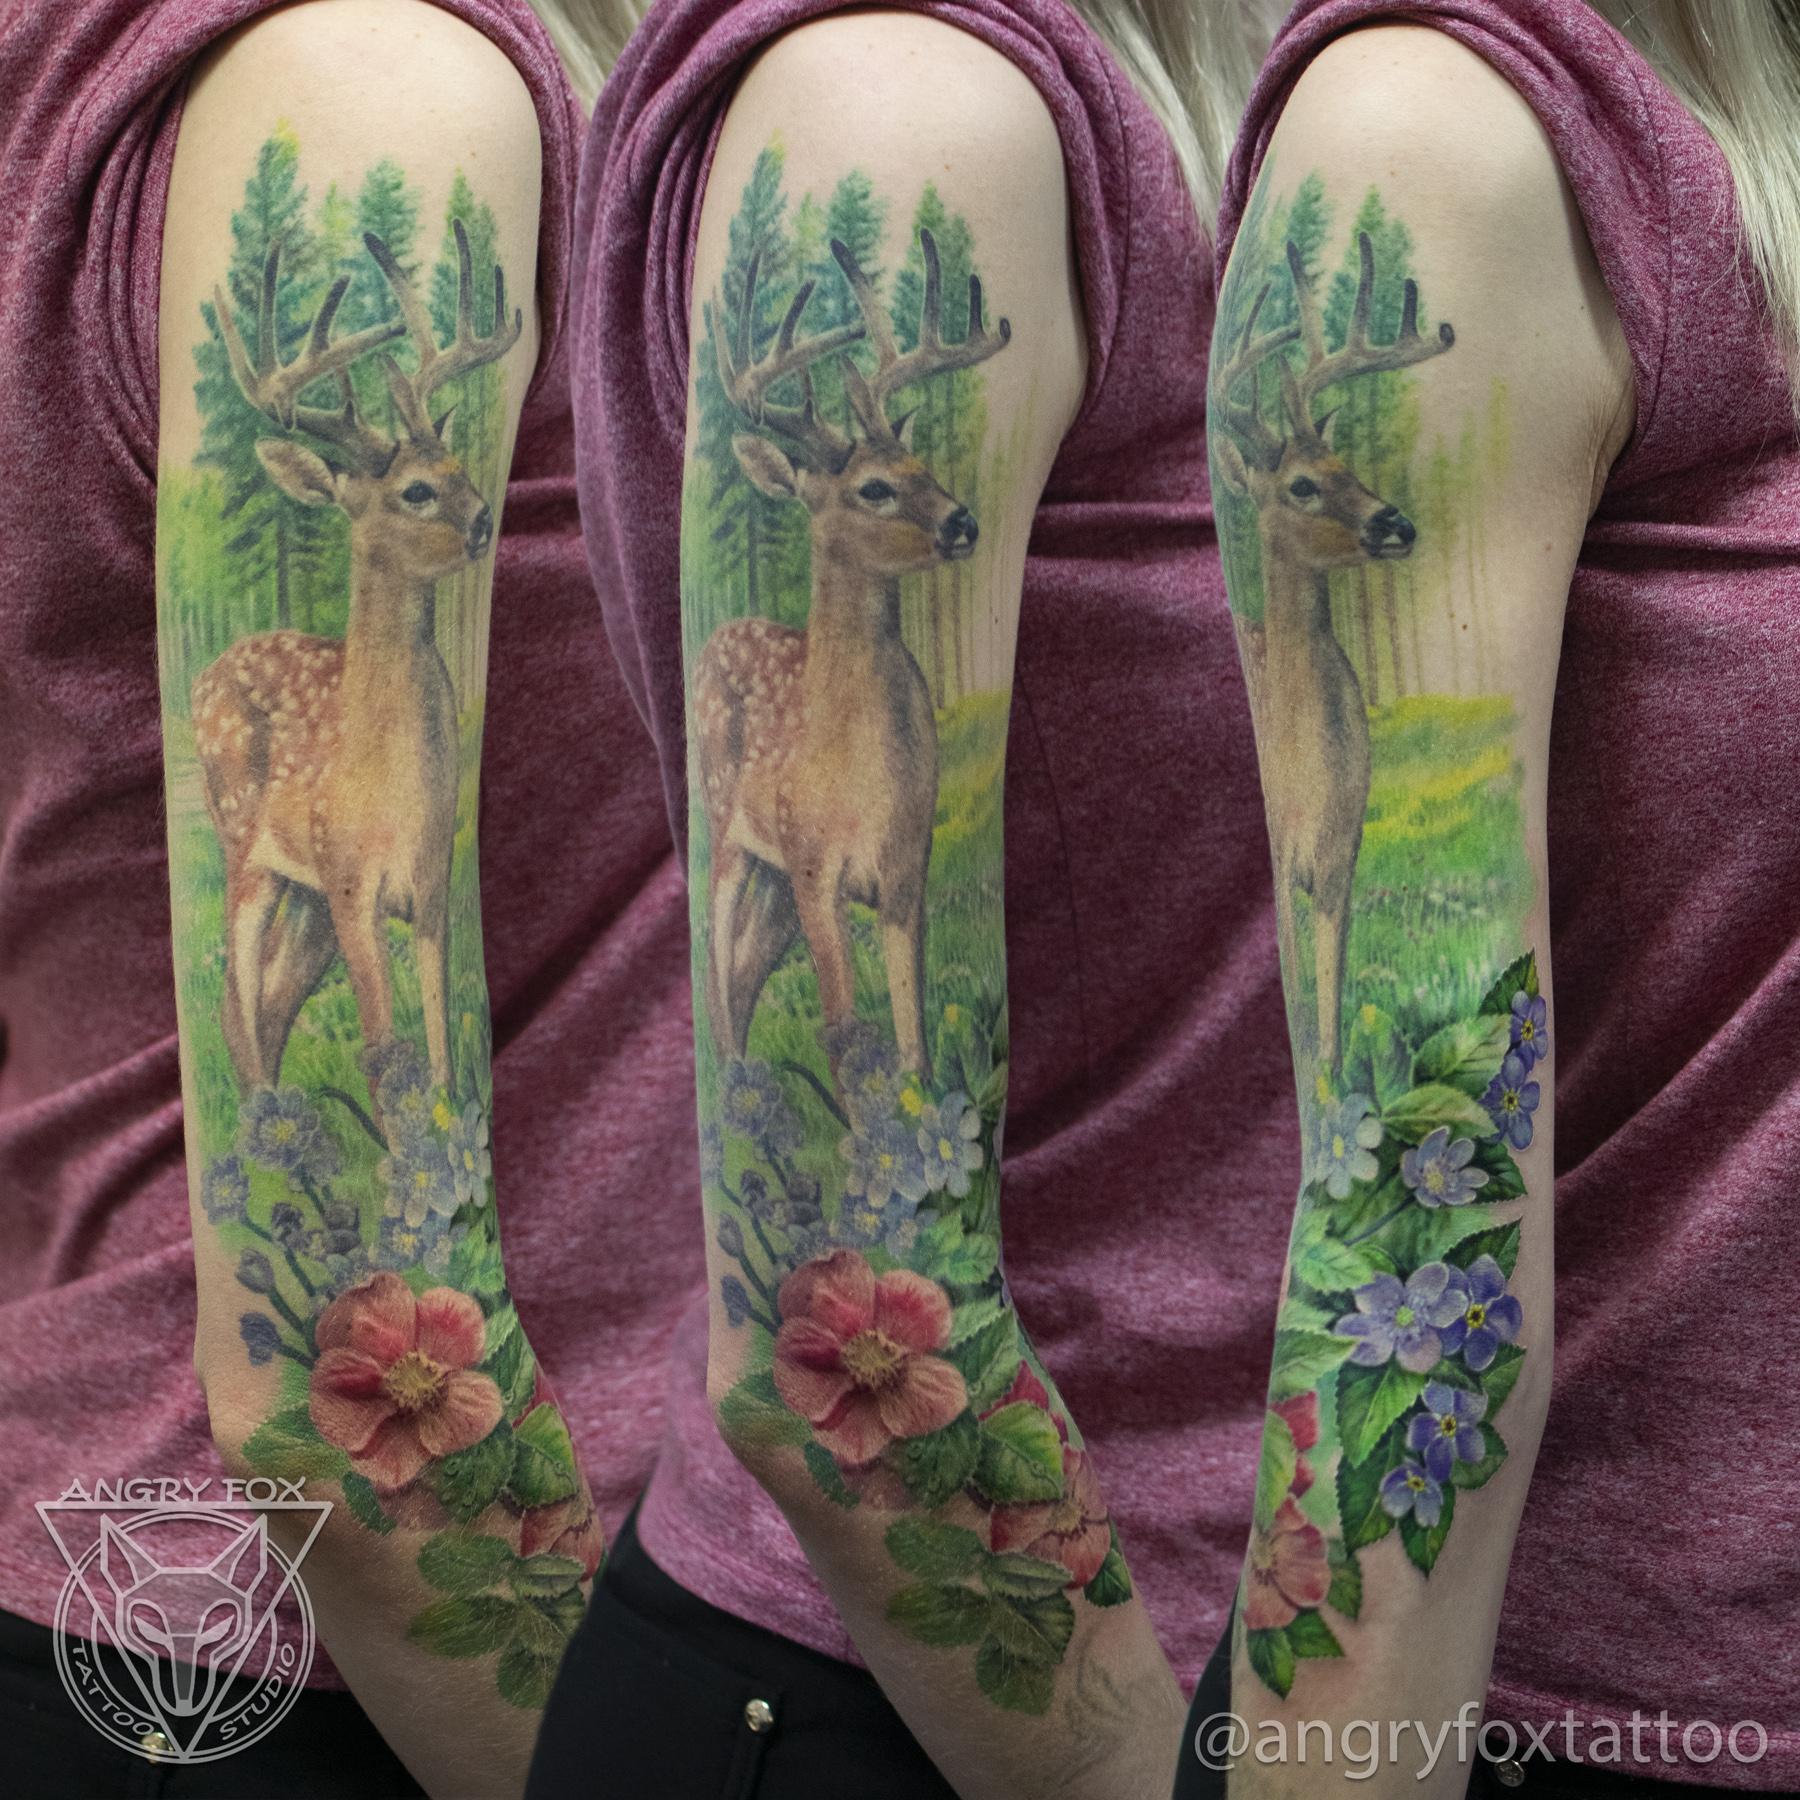 Татуировка, тату, девушка, рукав, плечо, рука, предплечье, локоть, лес, цветы, олень, рога, сохатый, трава, луг, реализм